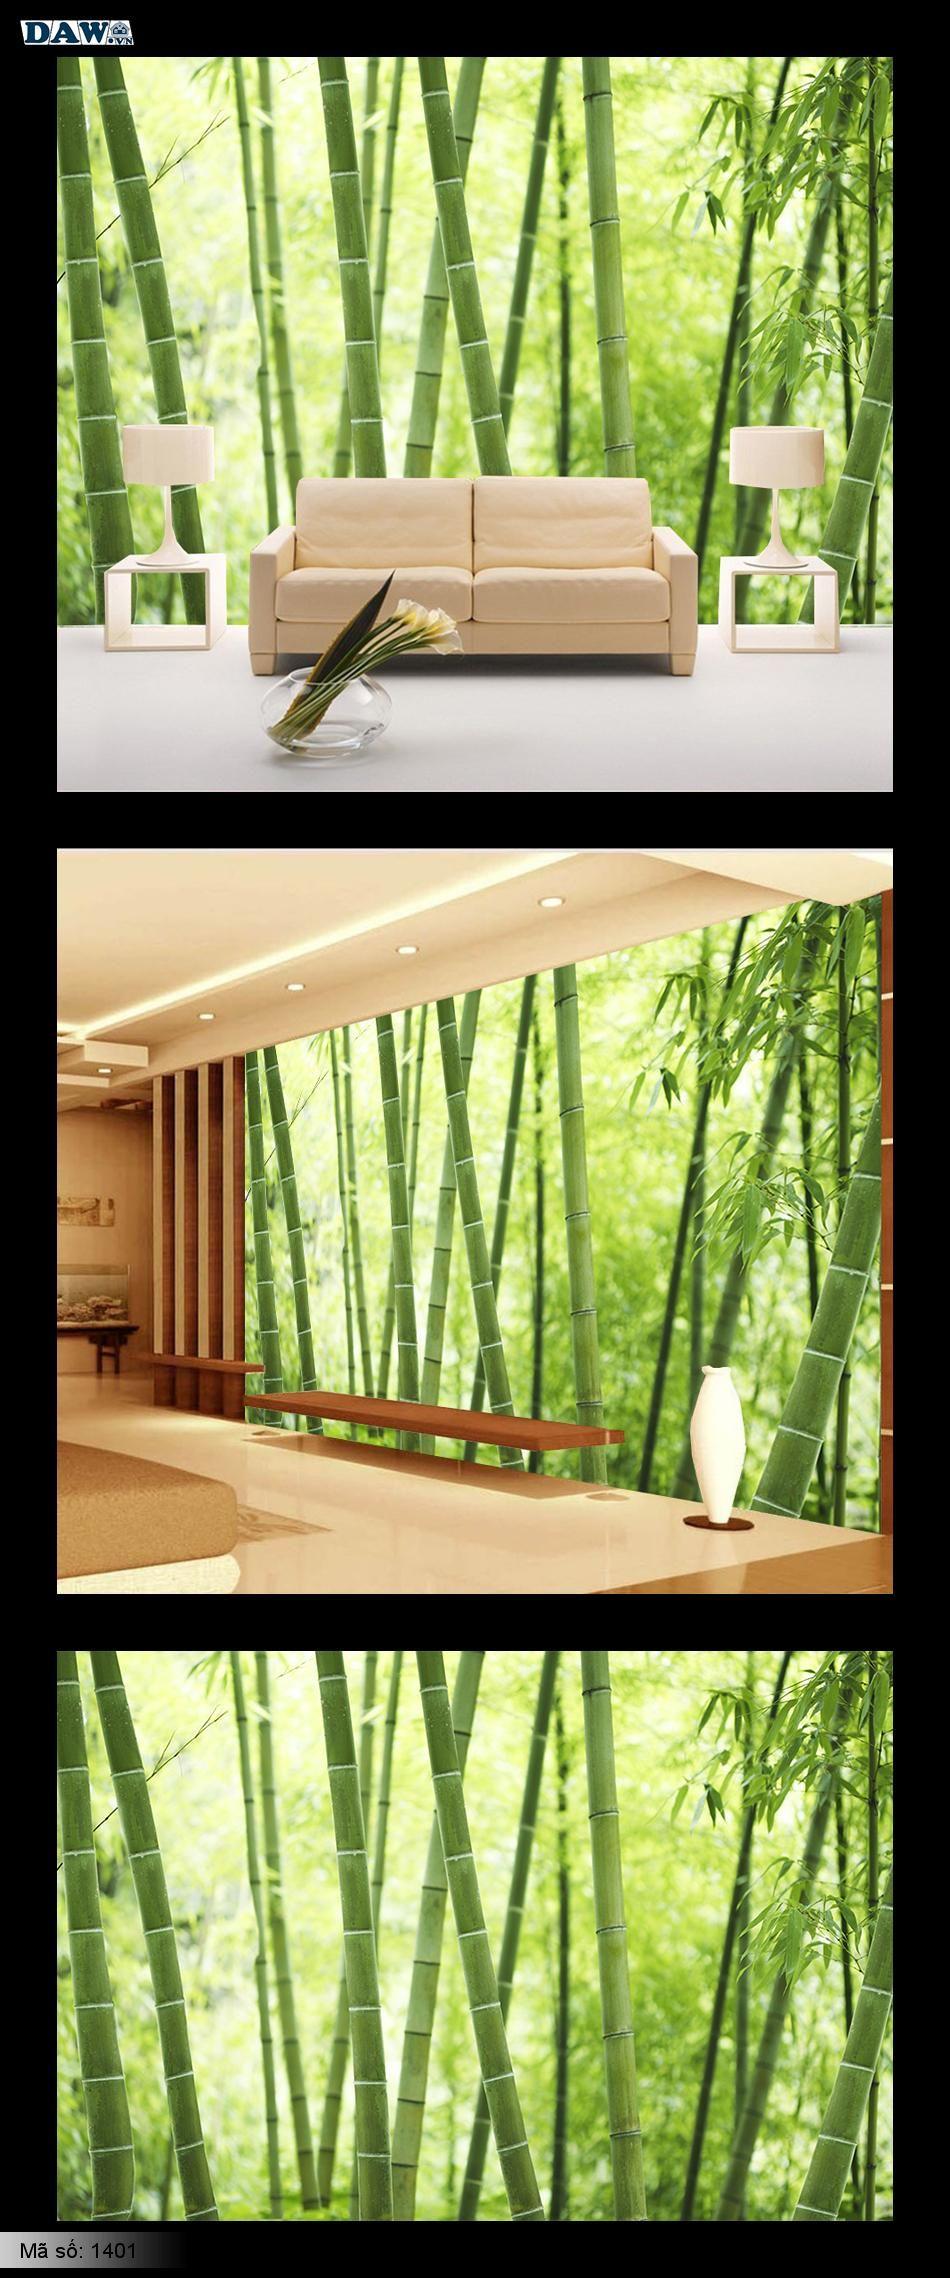 Tranh tre, rừng tre,  dán tường cây tre, lùm tre, bụi tre, tre Việt Nam, tranh dán tường hình cây tre 1401